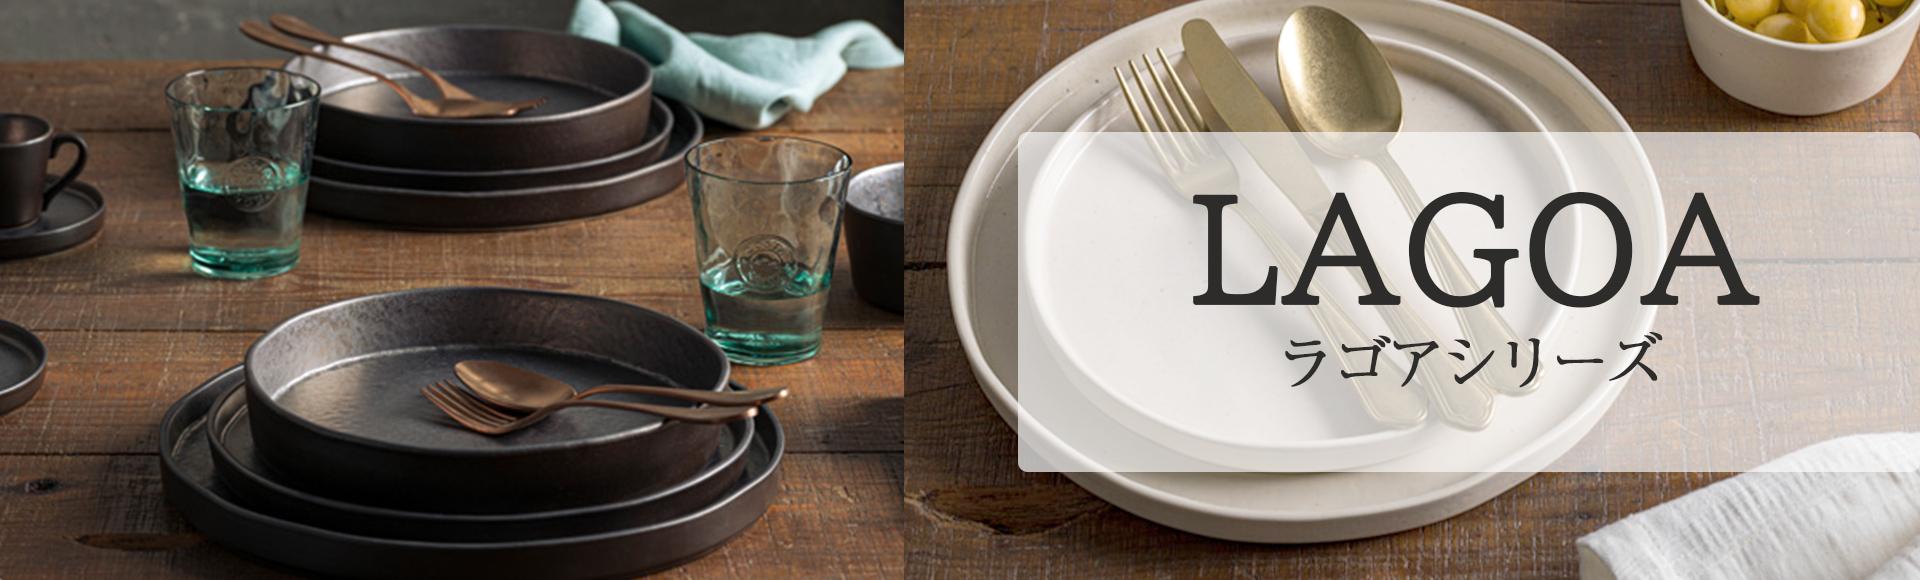 直線的でフラットな形と、金属や石のような質感がスマートな印象のラゴアシリーズ。モダンながら、食卓になじむデザイン。